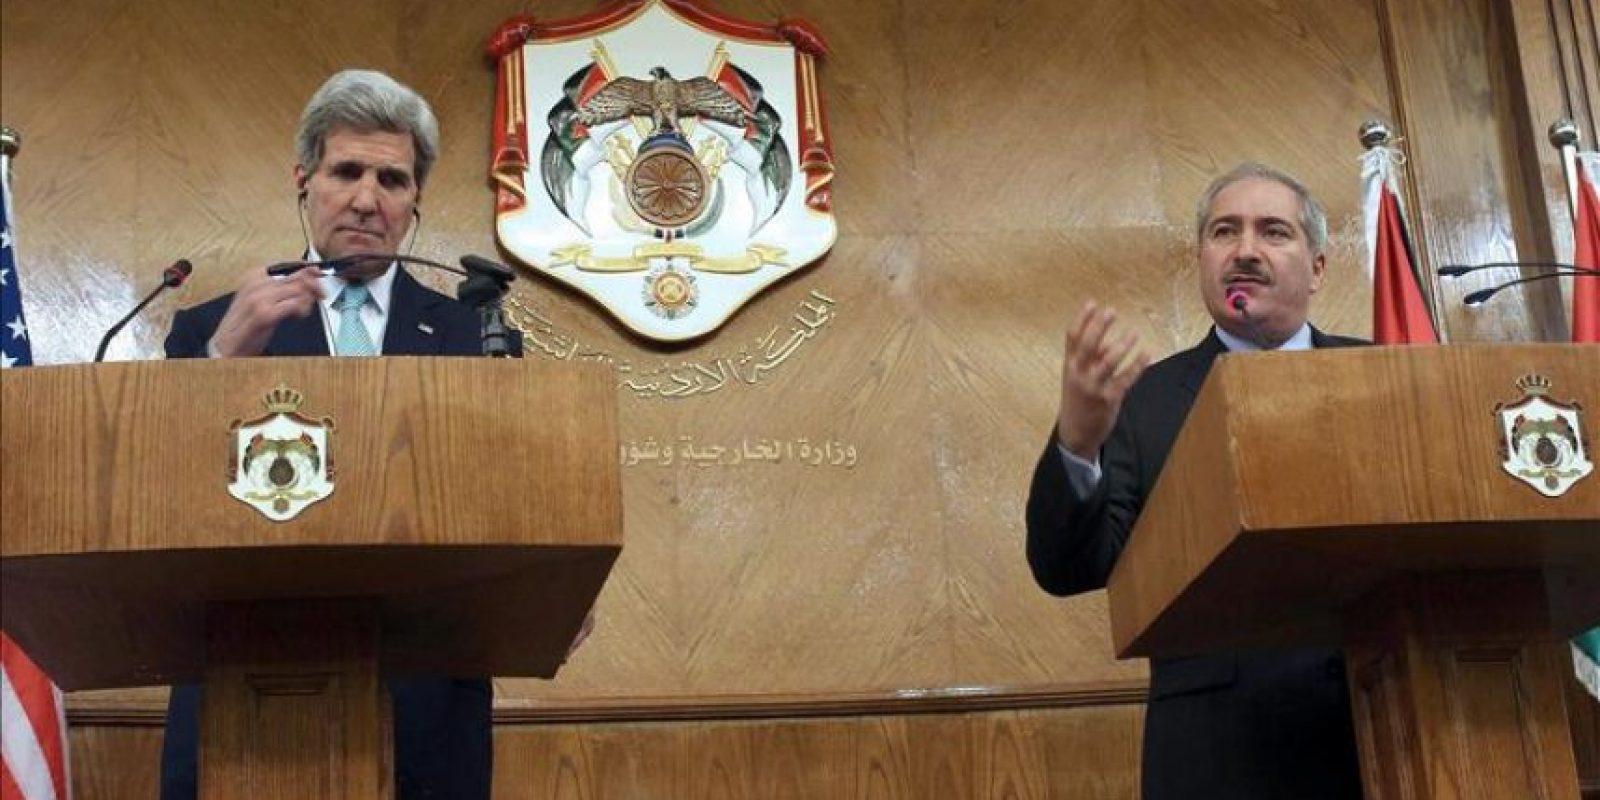 El secretario de Estado de Estados Unidos, John Kerry (i), y el ministro de Exteriores de Jordania, Nasser Judeh (d), hablan en una conferencia de prensa conjunta. EFE